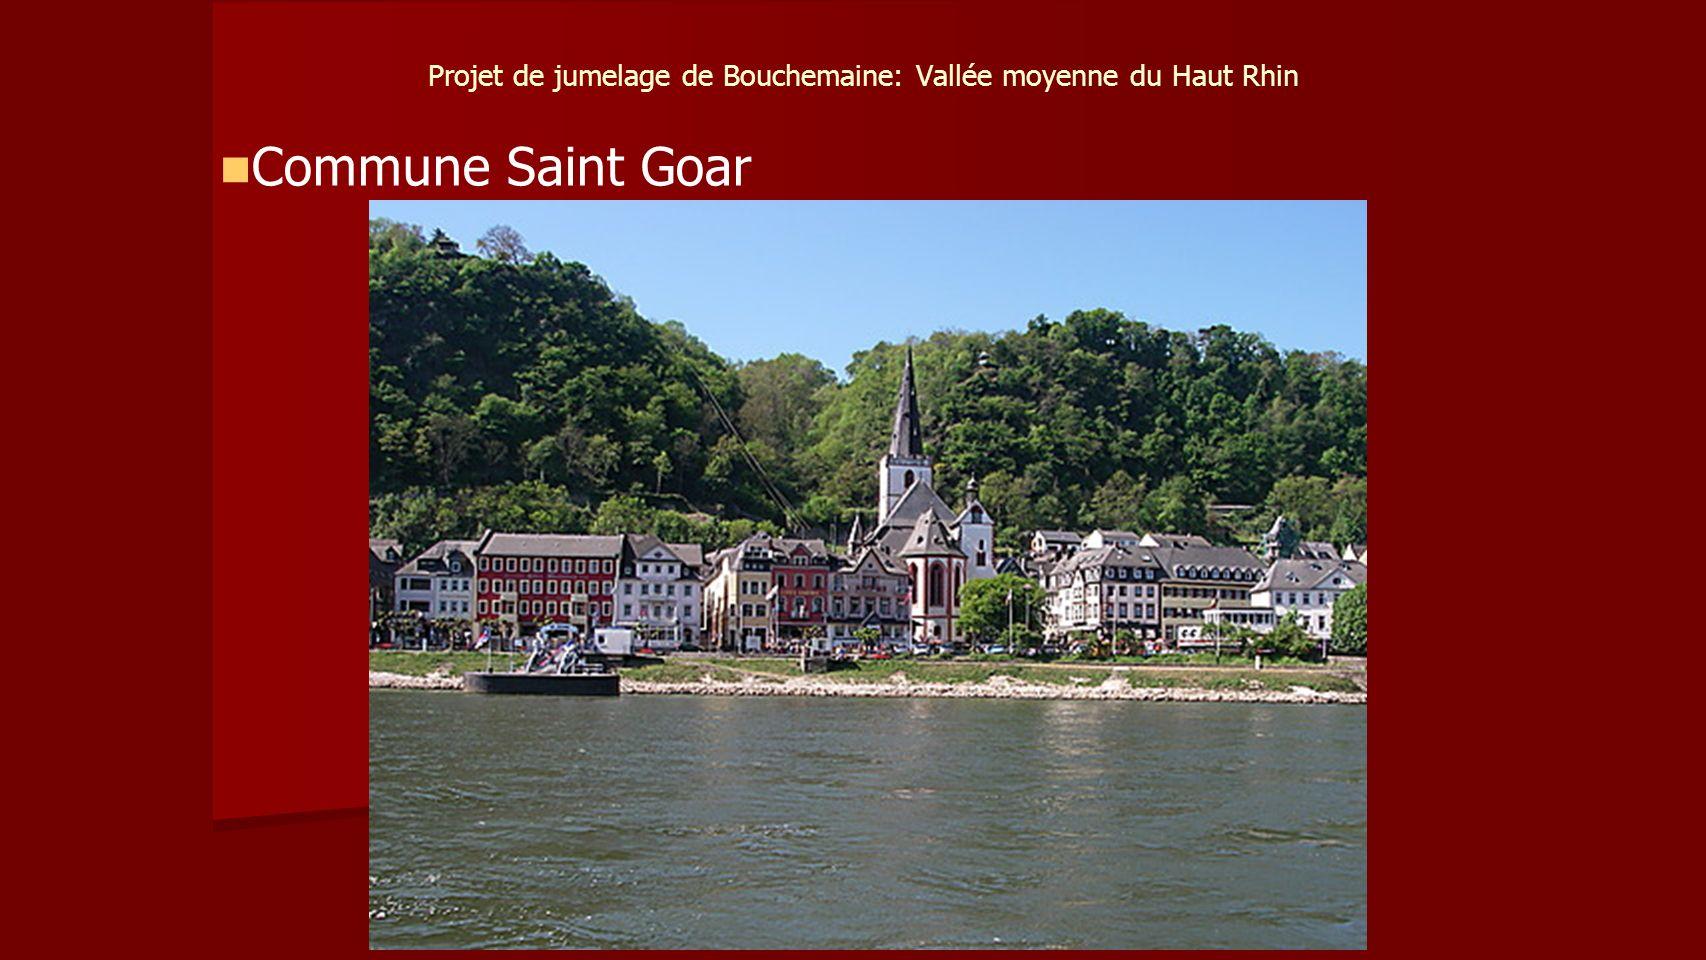 Projet de jumelage de Bouchemaine: Vallée moyenne du Haut Rhin Commune Saint Goar